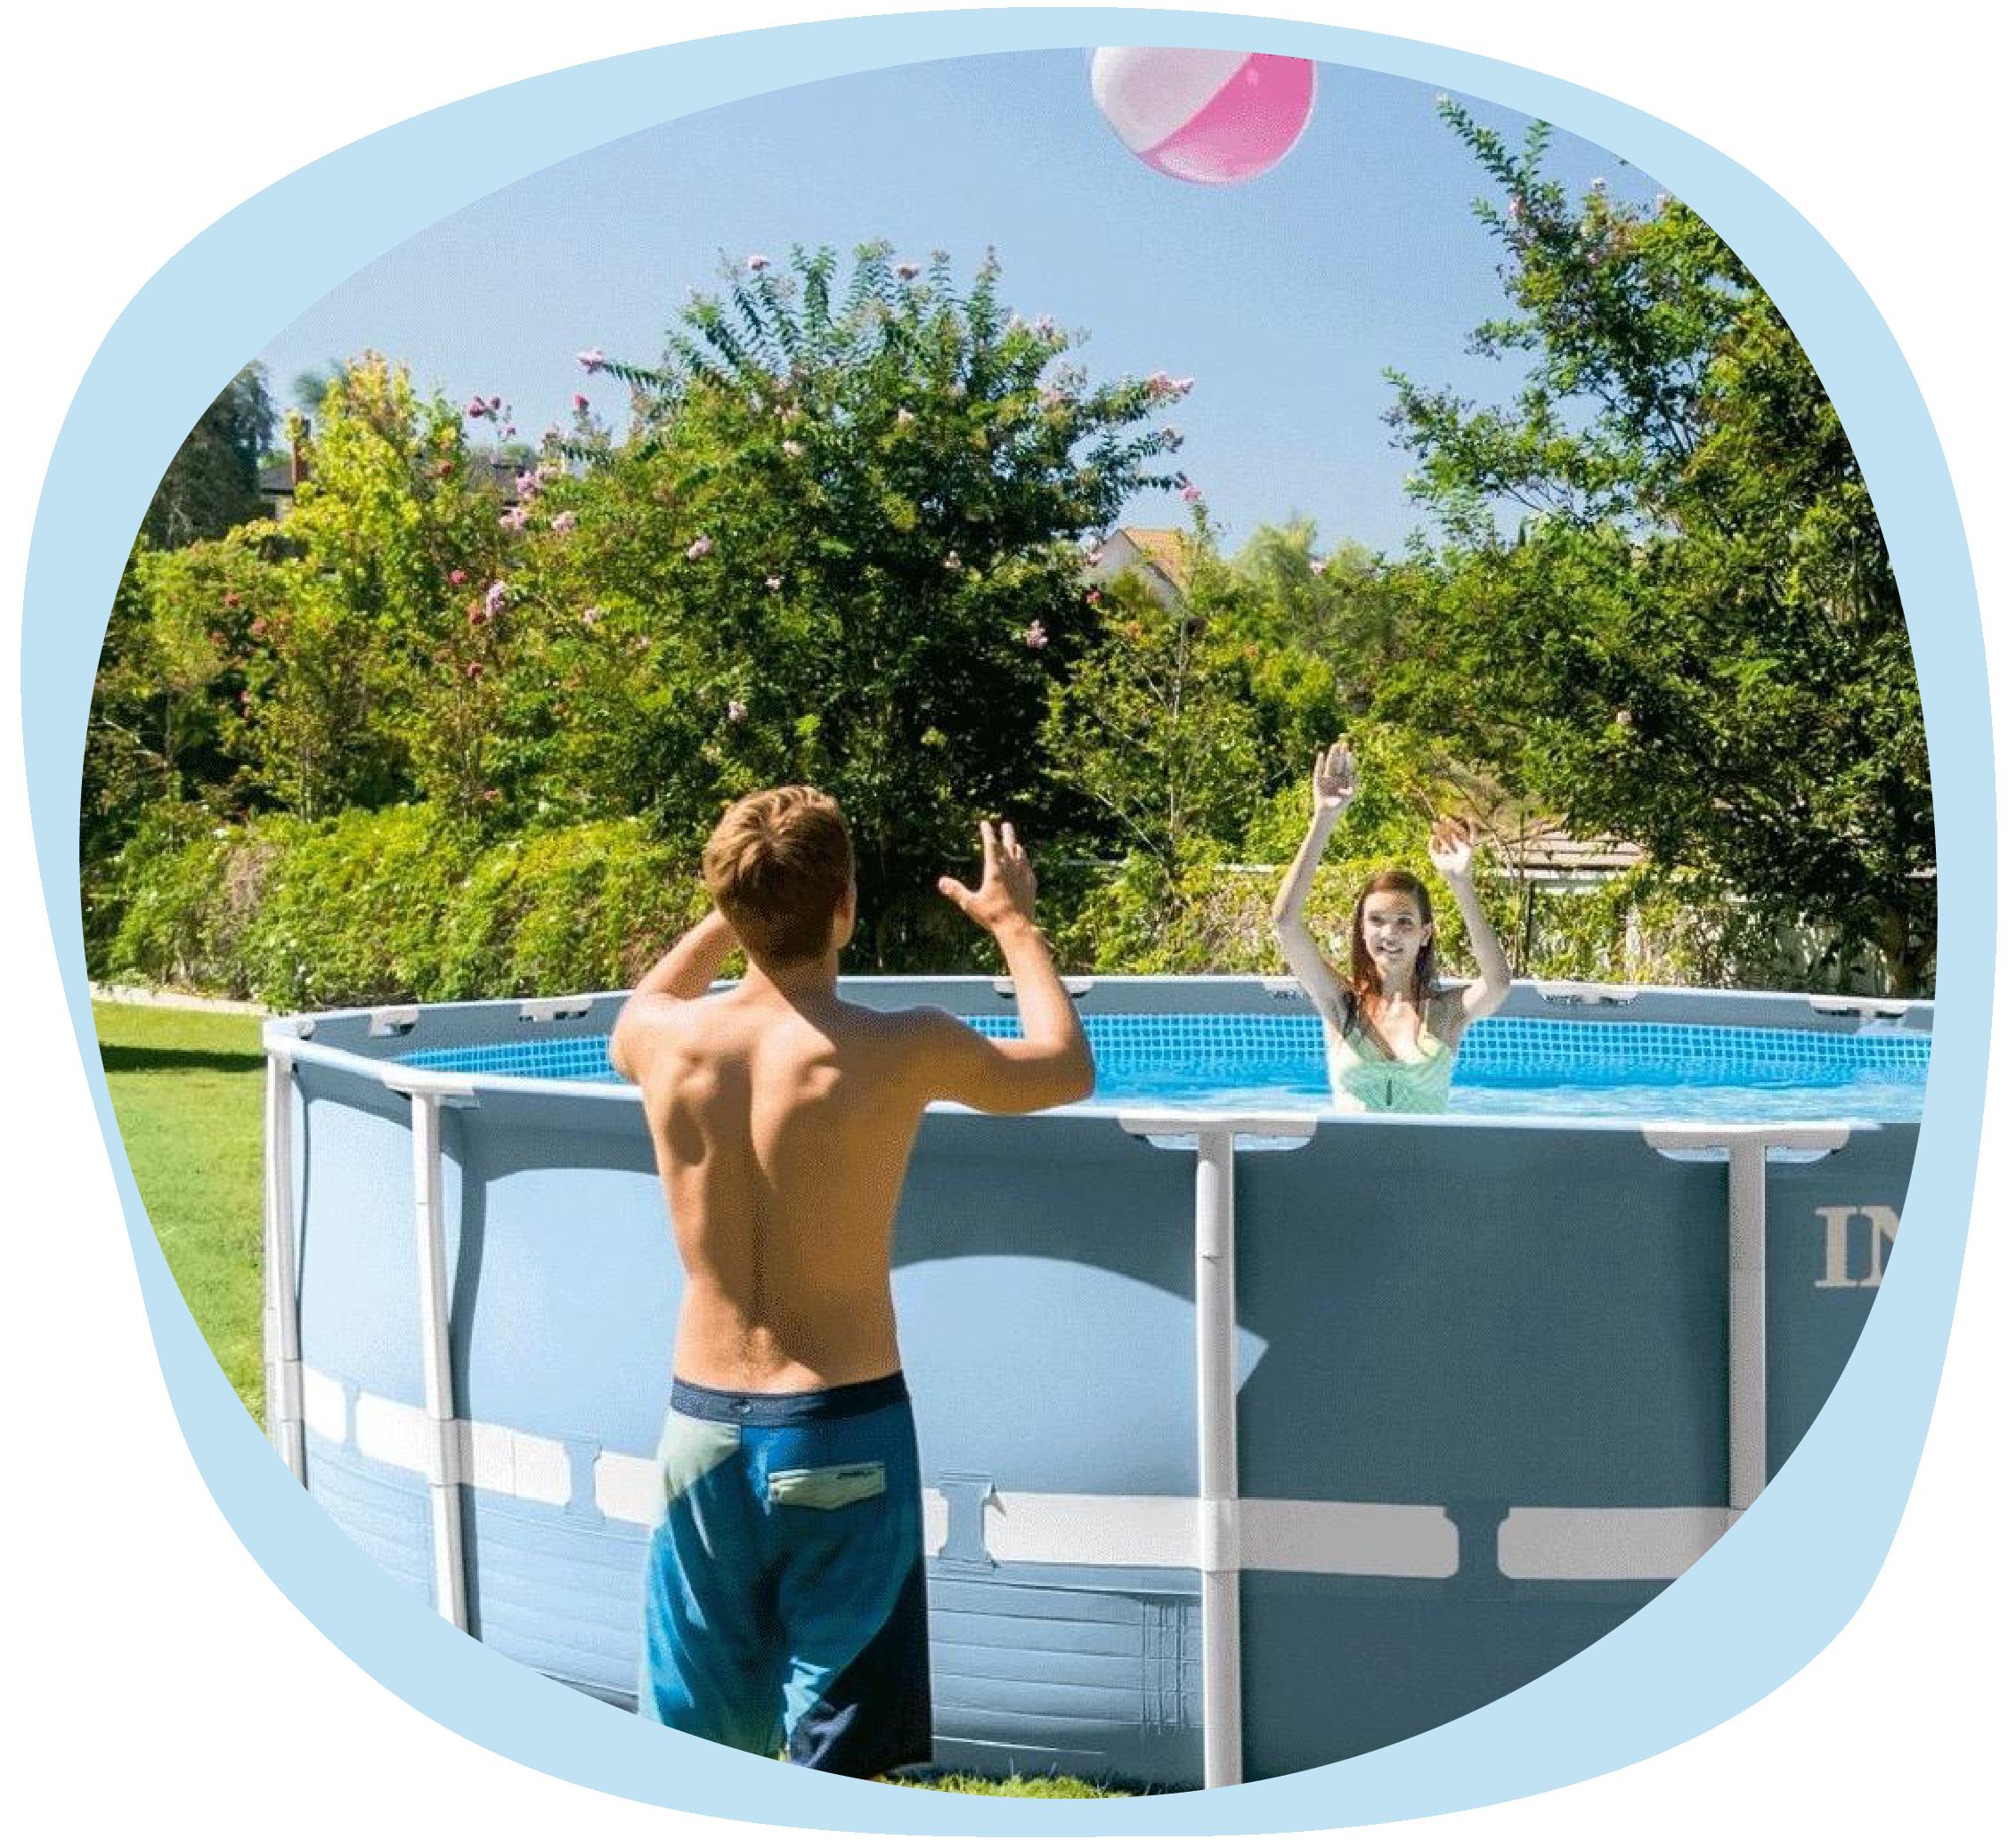 Купить надувной / каркасный бассейн в Беларуси с доставкой